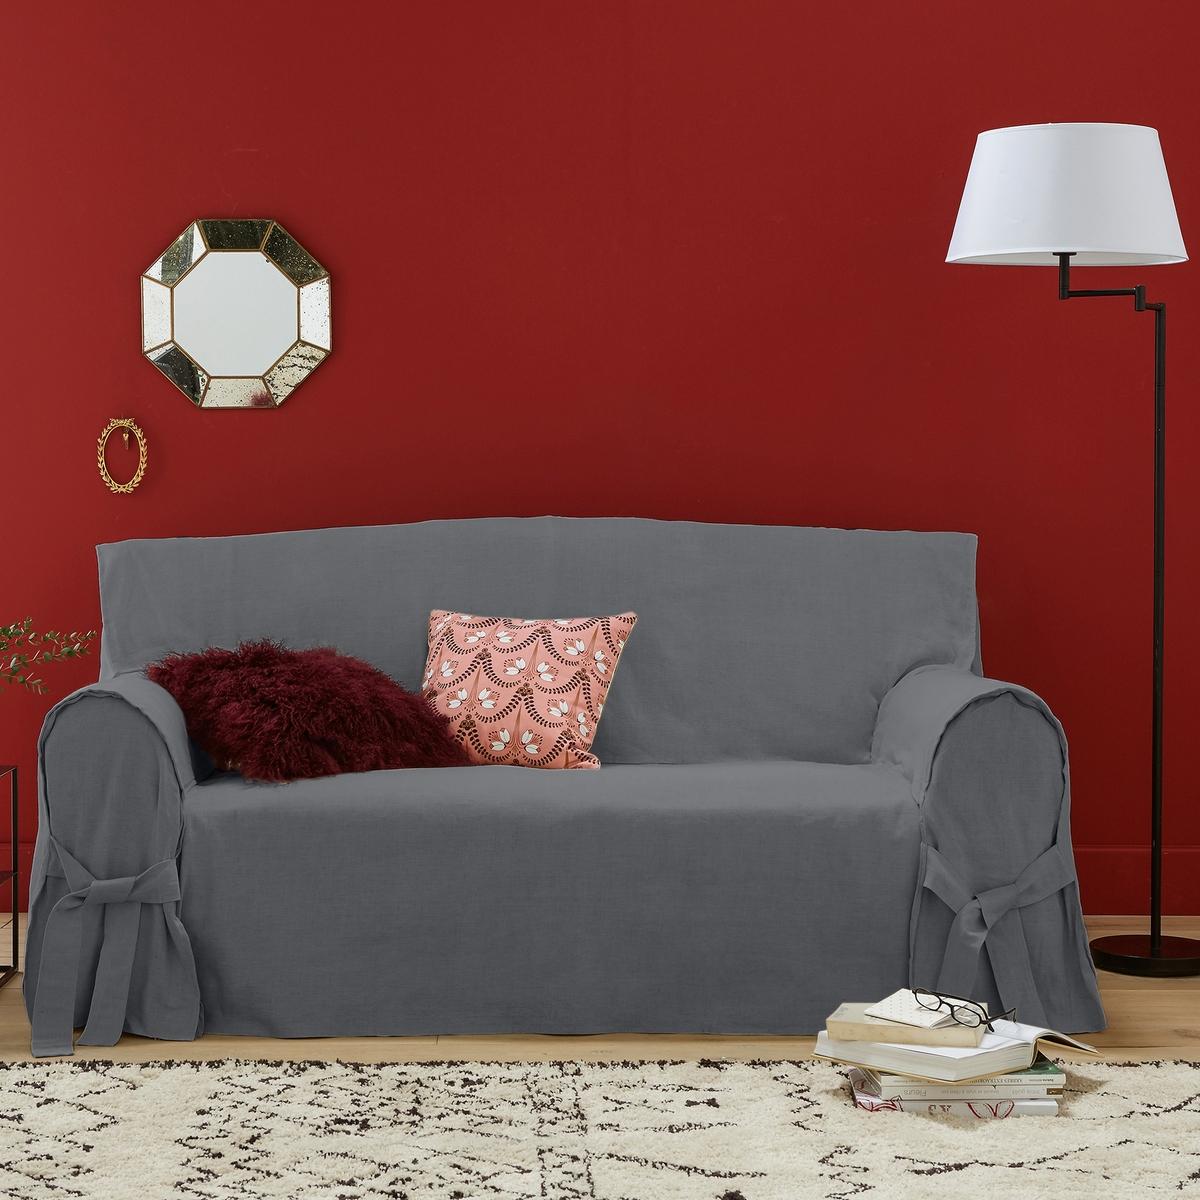 Чехол для диванаКачество VALEUR SURE. Плотная смесовая ткань исключительного качества,  55% льна, 45% хлопка. Общие размеры: общая высота 102 см, глубина сиденья 60 см. Стирка при 40°. Превосходная стойкость цвета к солнечным лучам. 2-местный диван: максимальная ширина 142 см, 2-3-местный диван: максимальная ширина 180 см. 3-местный диван: максимальная ширина 206 см.<br><br>Цвет: антрацит,белый,серо-бежевый,серо-коричневый каштан,серый,экрю<br>Размер: 3 местн..3 местн..2 места.2/3 мест.2 места.2 места.2/3 мест.3 местн..3 местн.